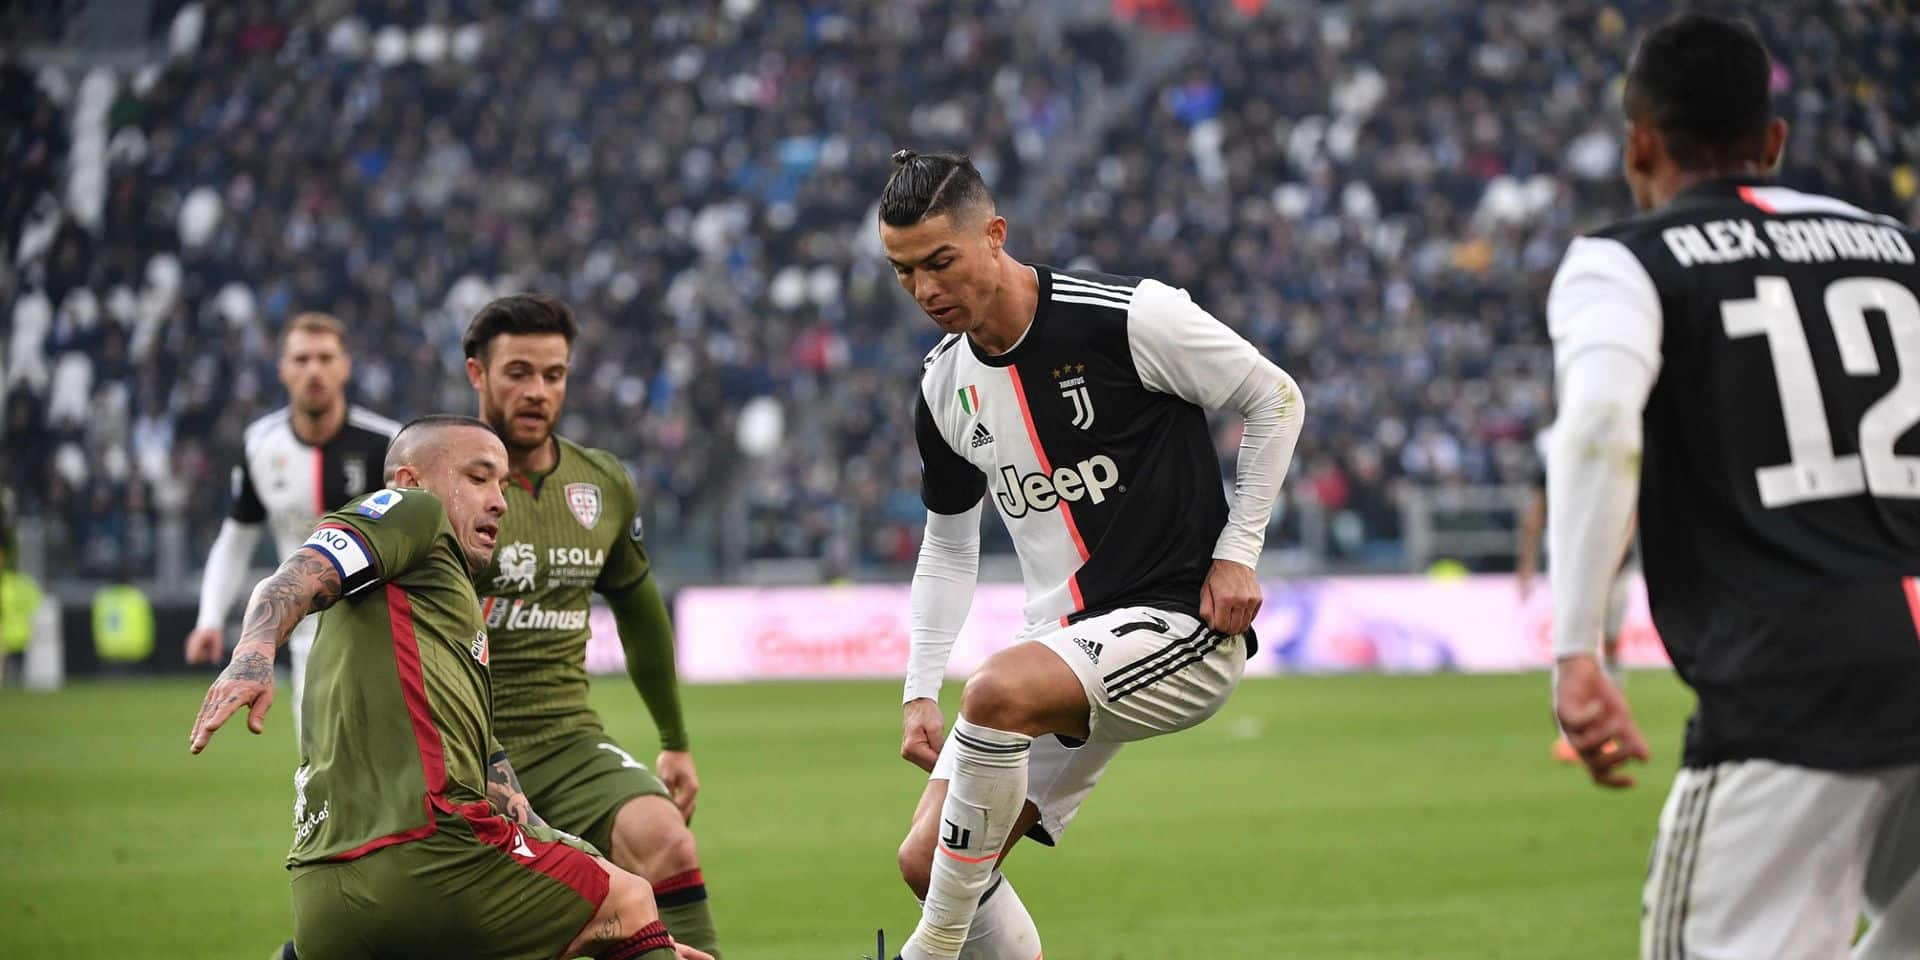 Nainggolan et Cagliari impuissants face à Cristiano Ronaldo, auteur d'un triplé